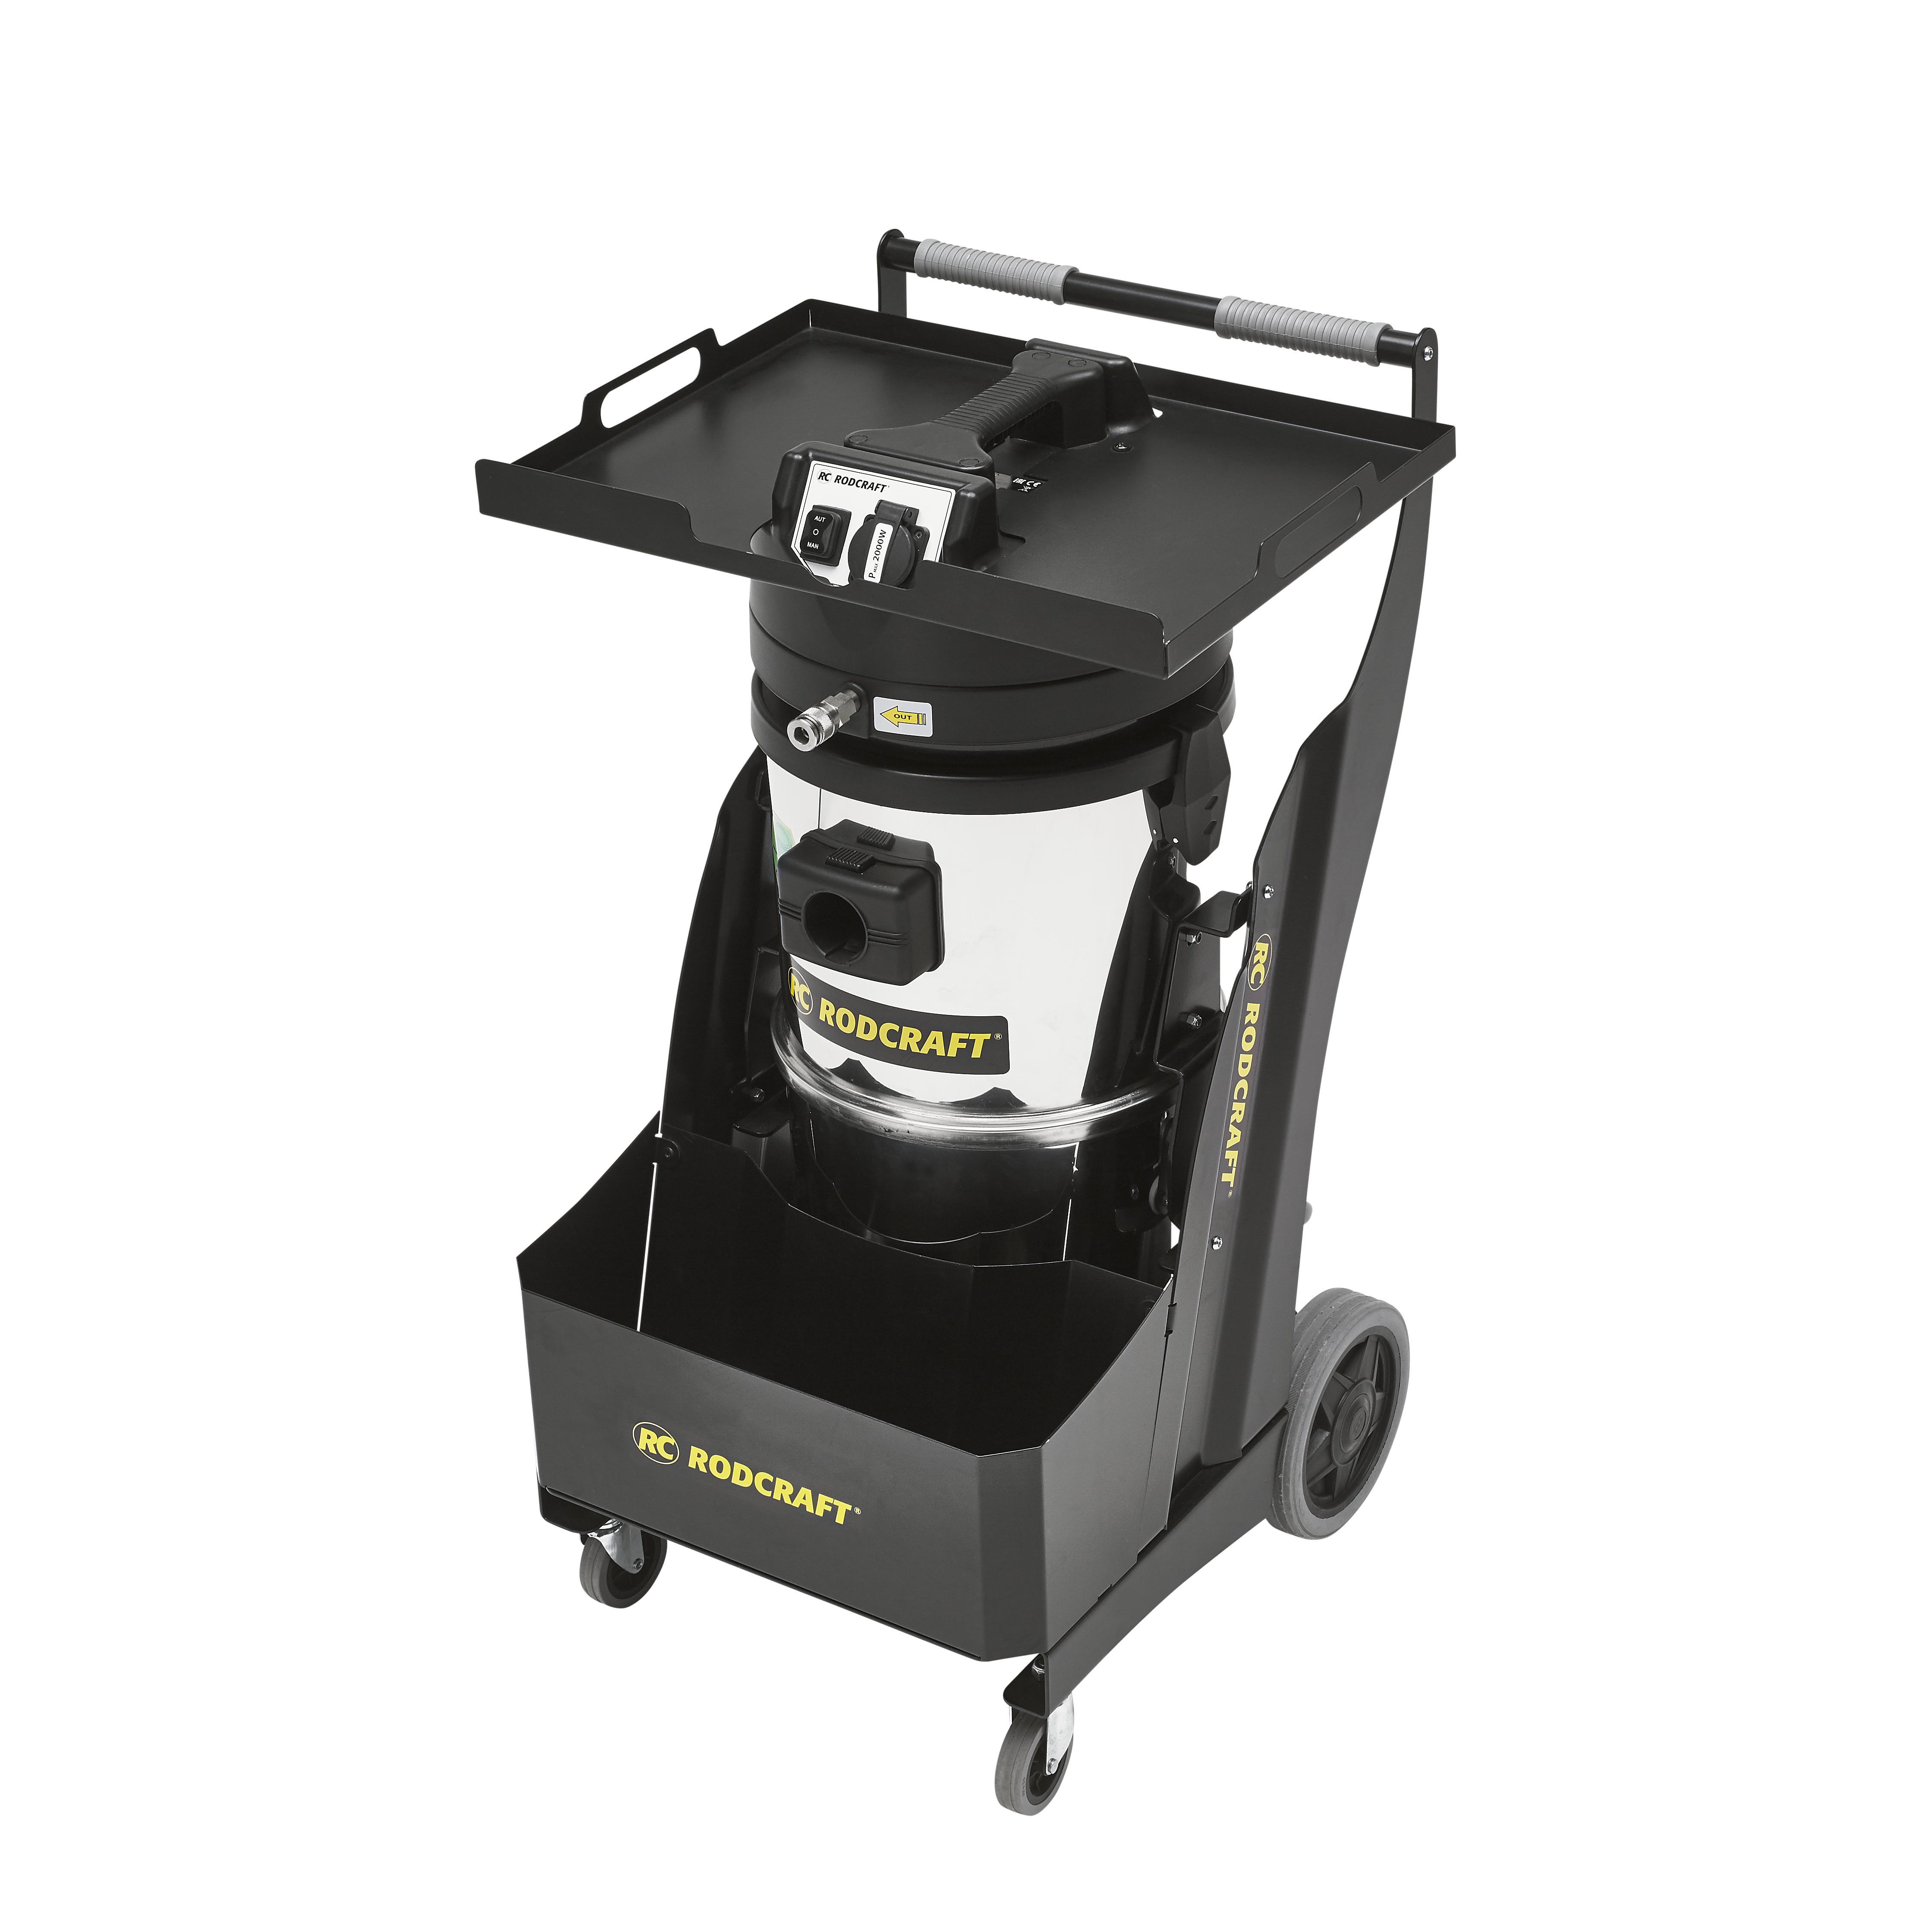 Alles sauber und sicher mit dem H 14 zertifizierten Rodcraft Industriestaubsauger RC7915 für elektrische und druckluftbetriebene Schleifmaschinen